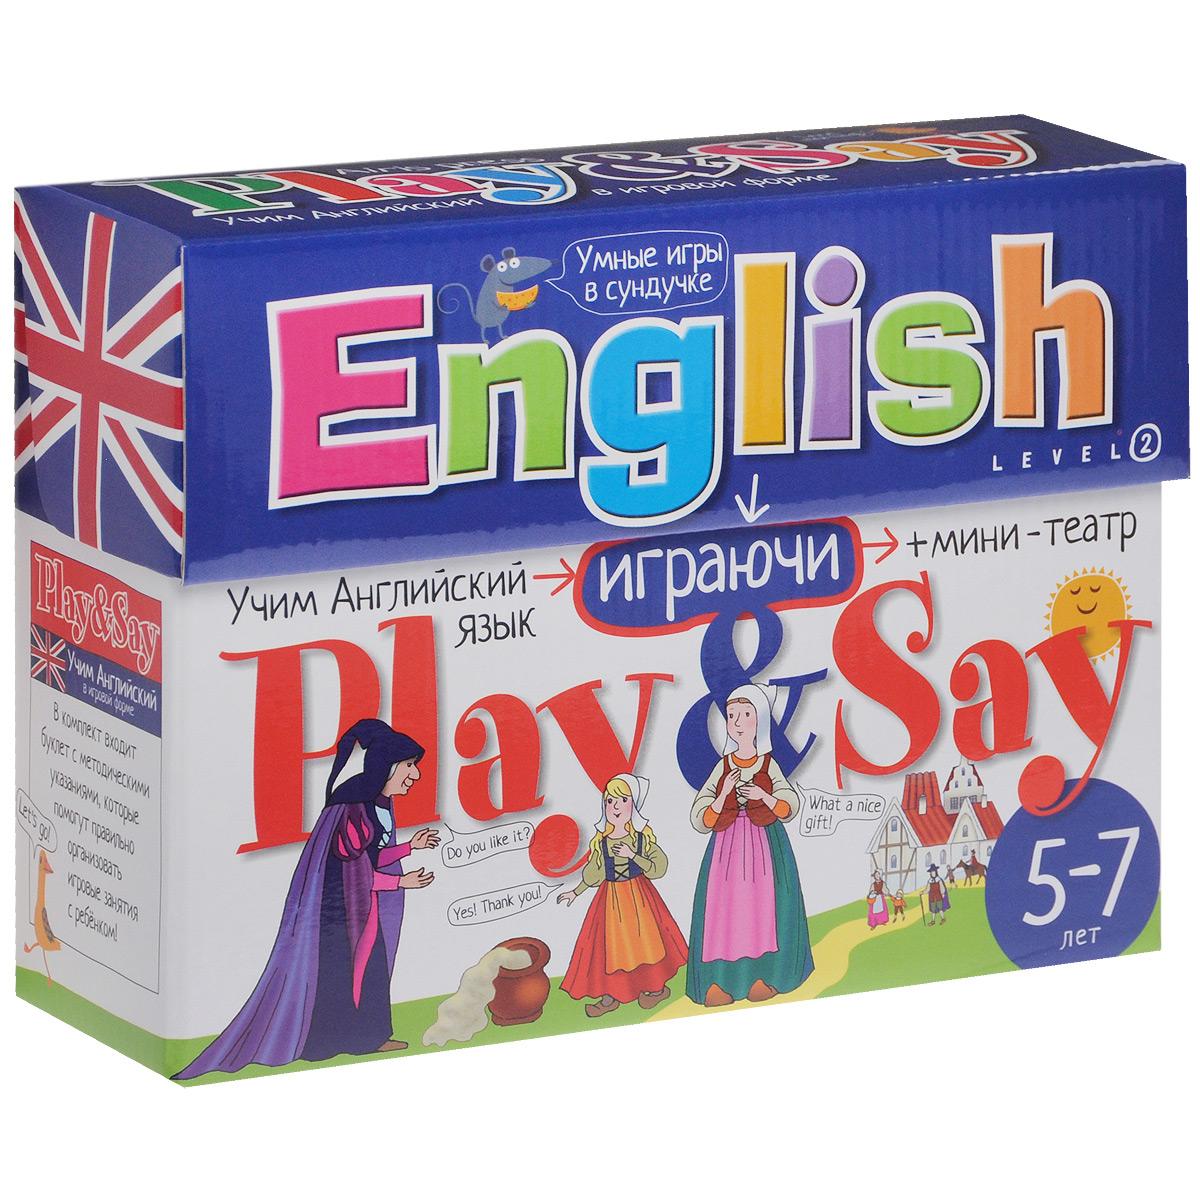 Английский. Играй и говори. Уровень 2 (комплект из 5 книг + 24 карточек, мини-театр, CD)